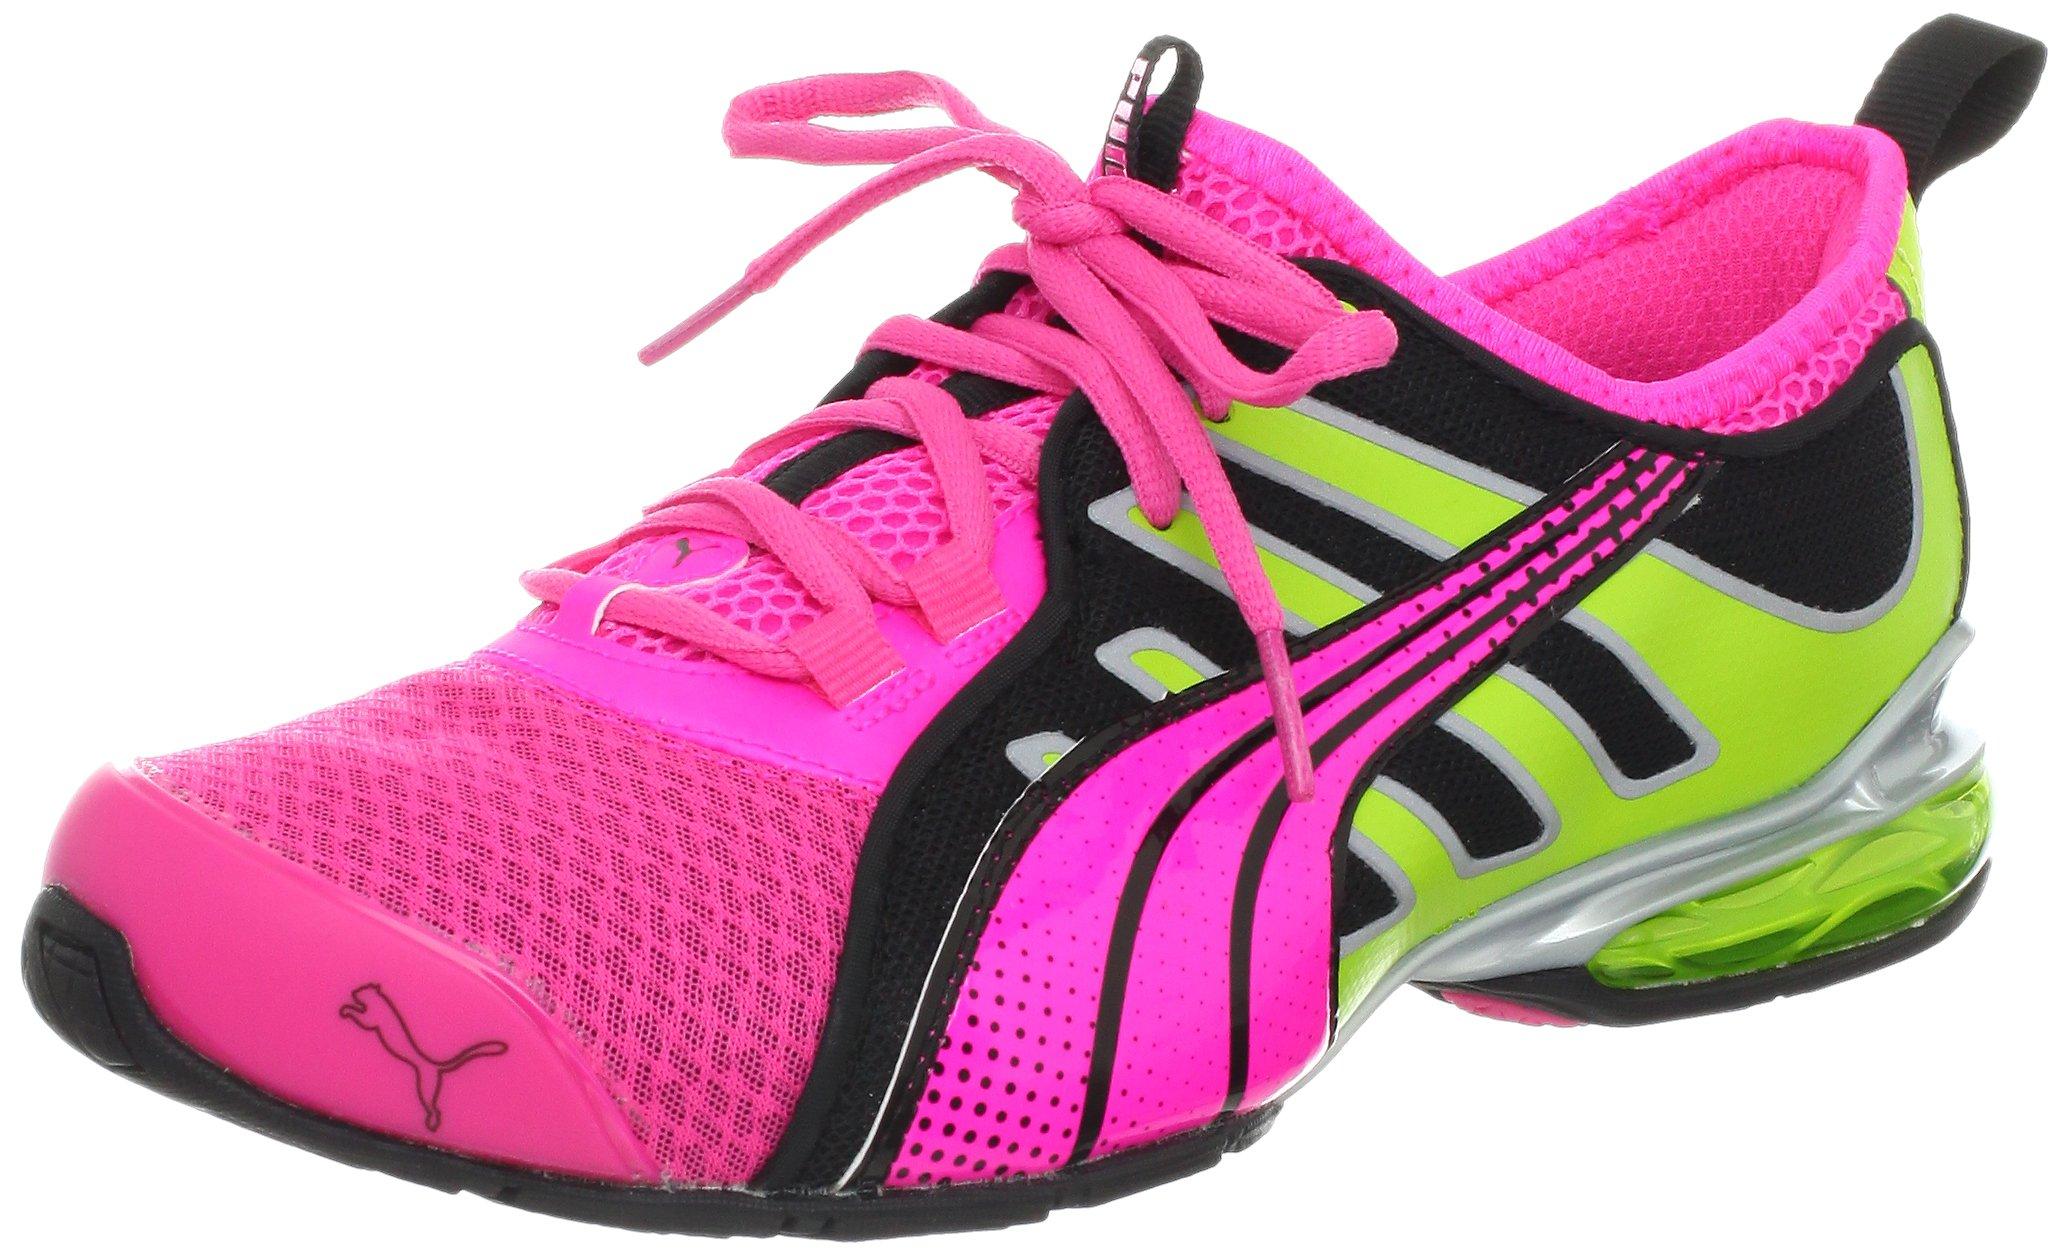 3dcc8767dac7 Galleon - PUMA Women s Voltaic 4 Mesh Cross-Training Shoe